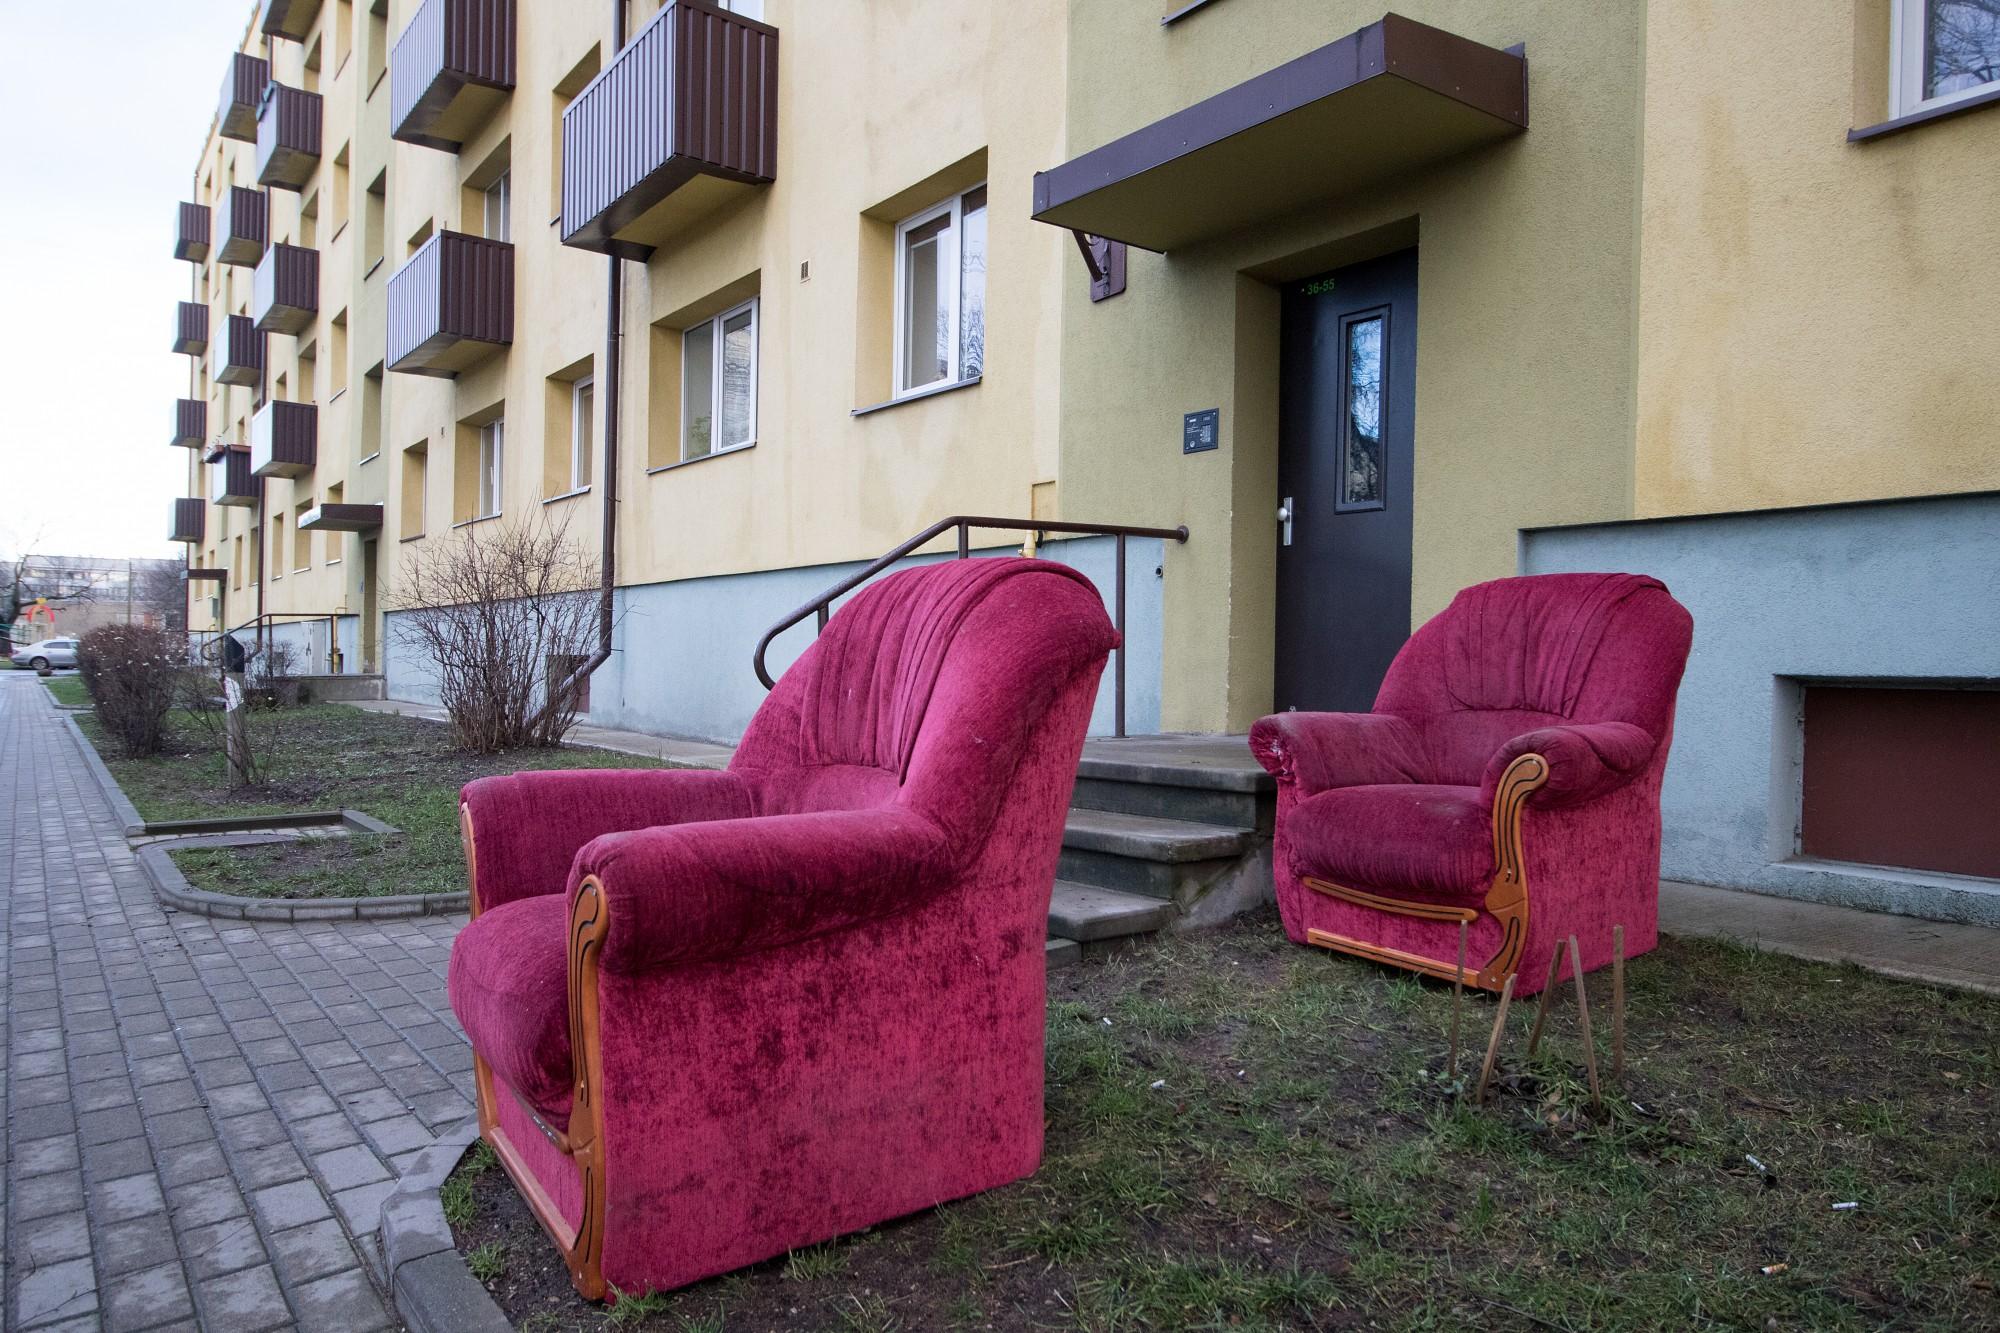 Dārgais šmucspainis. Atkritumu apsaimniekošana Latvijā turpina sadārdzināties